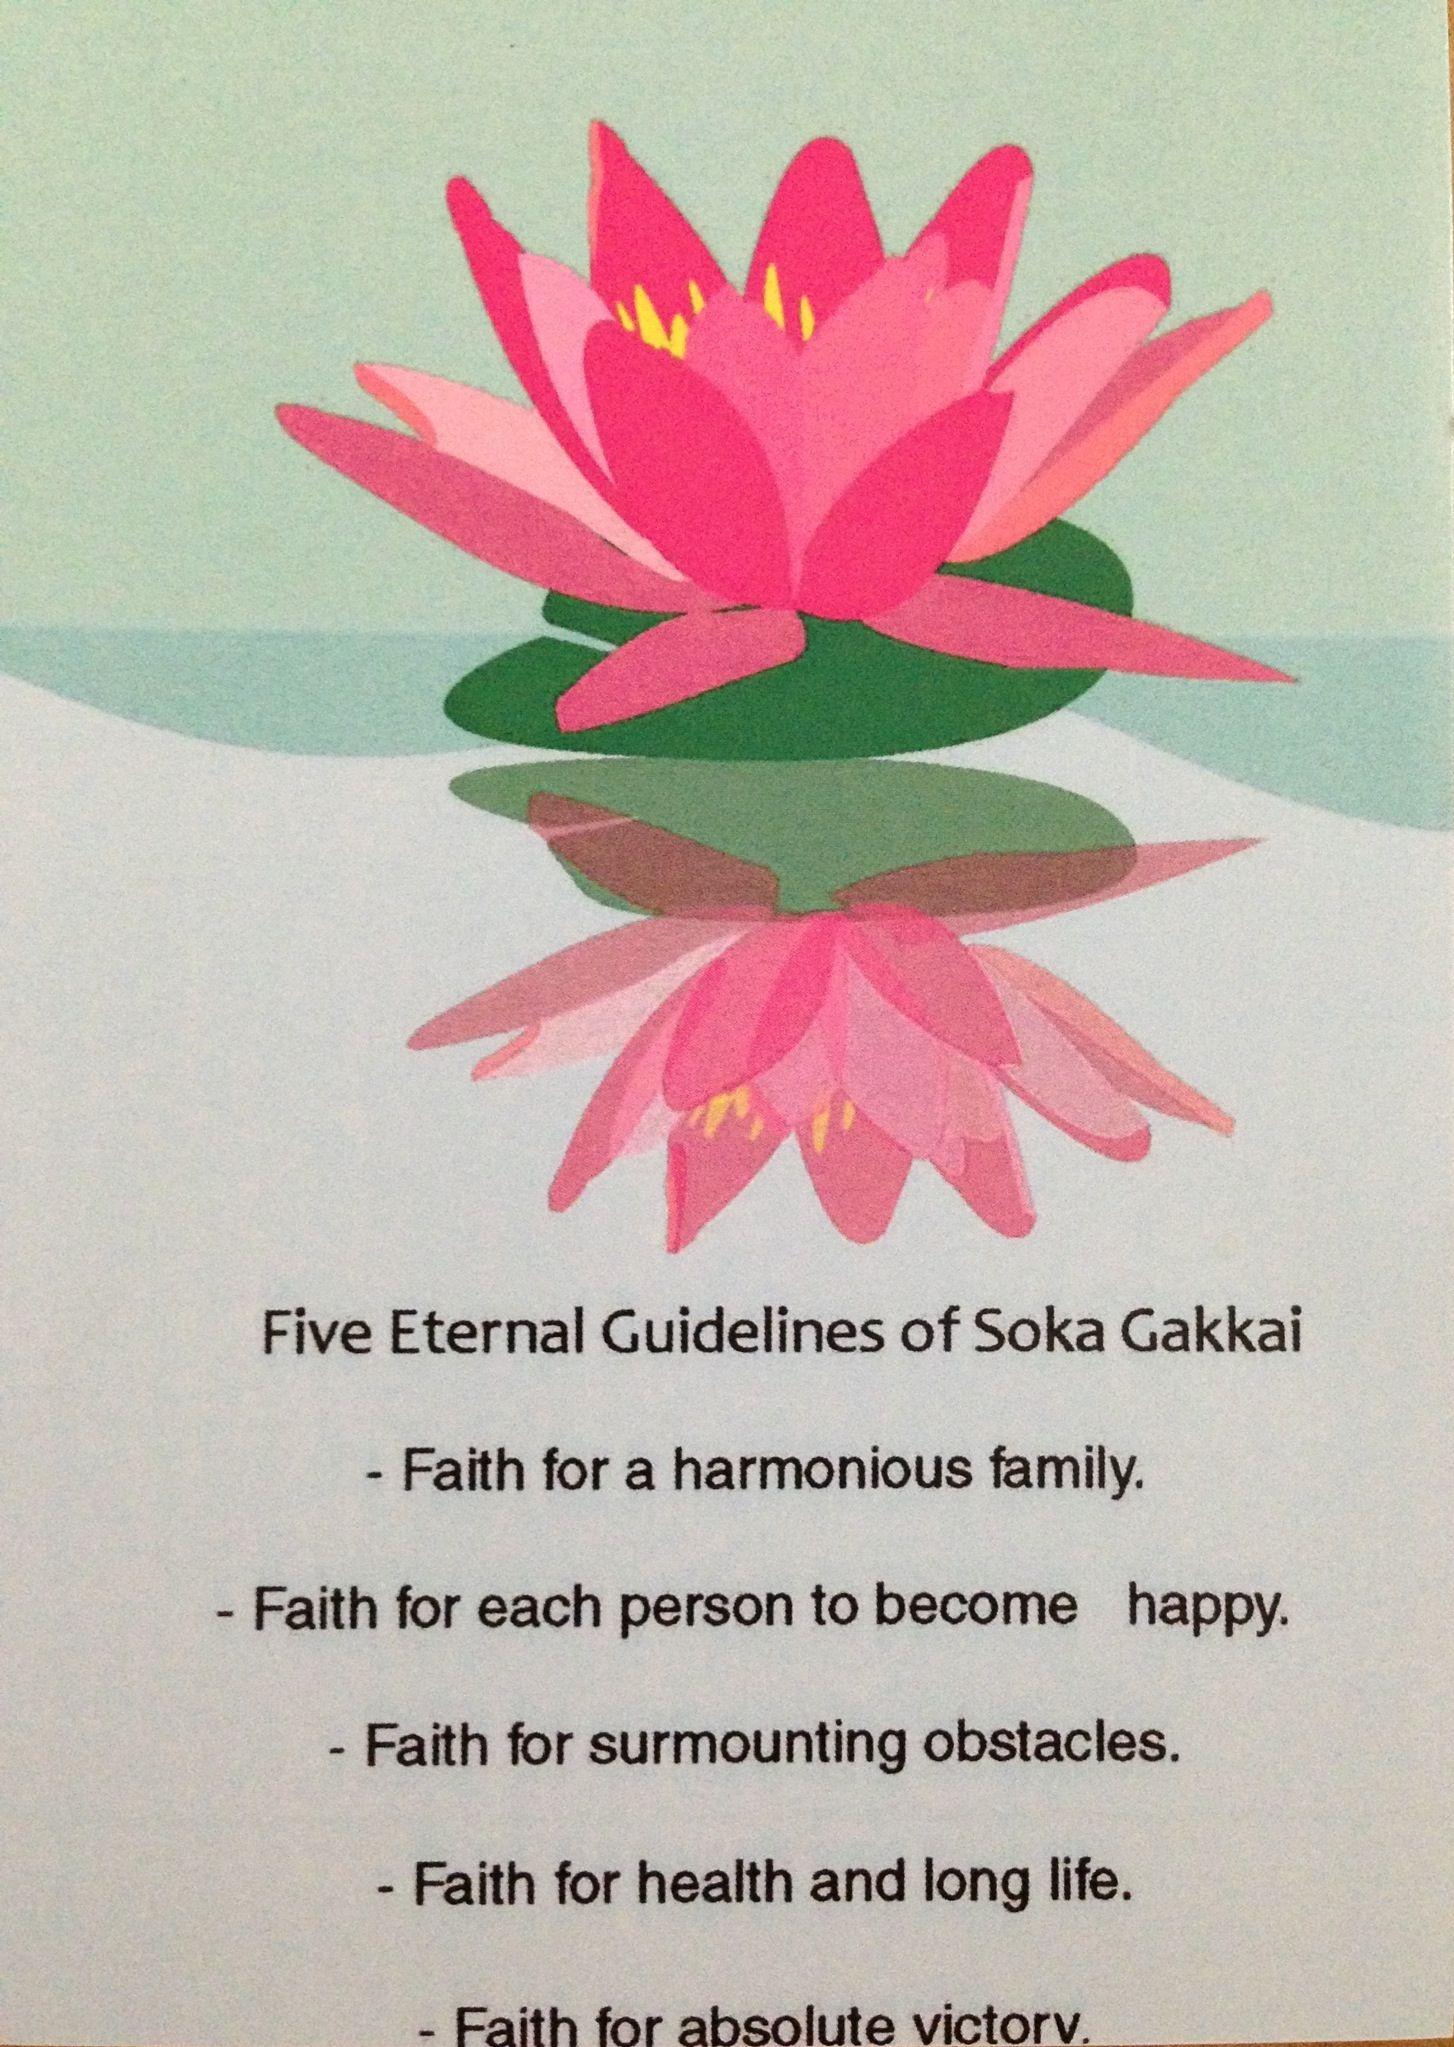 5 Eternal Guidelines Of Soka Gakkai Nichiren Daishonin